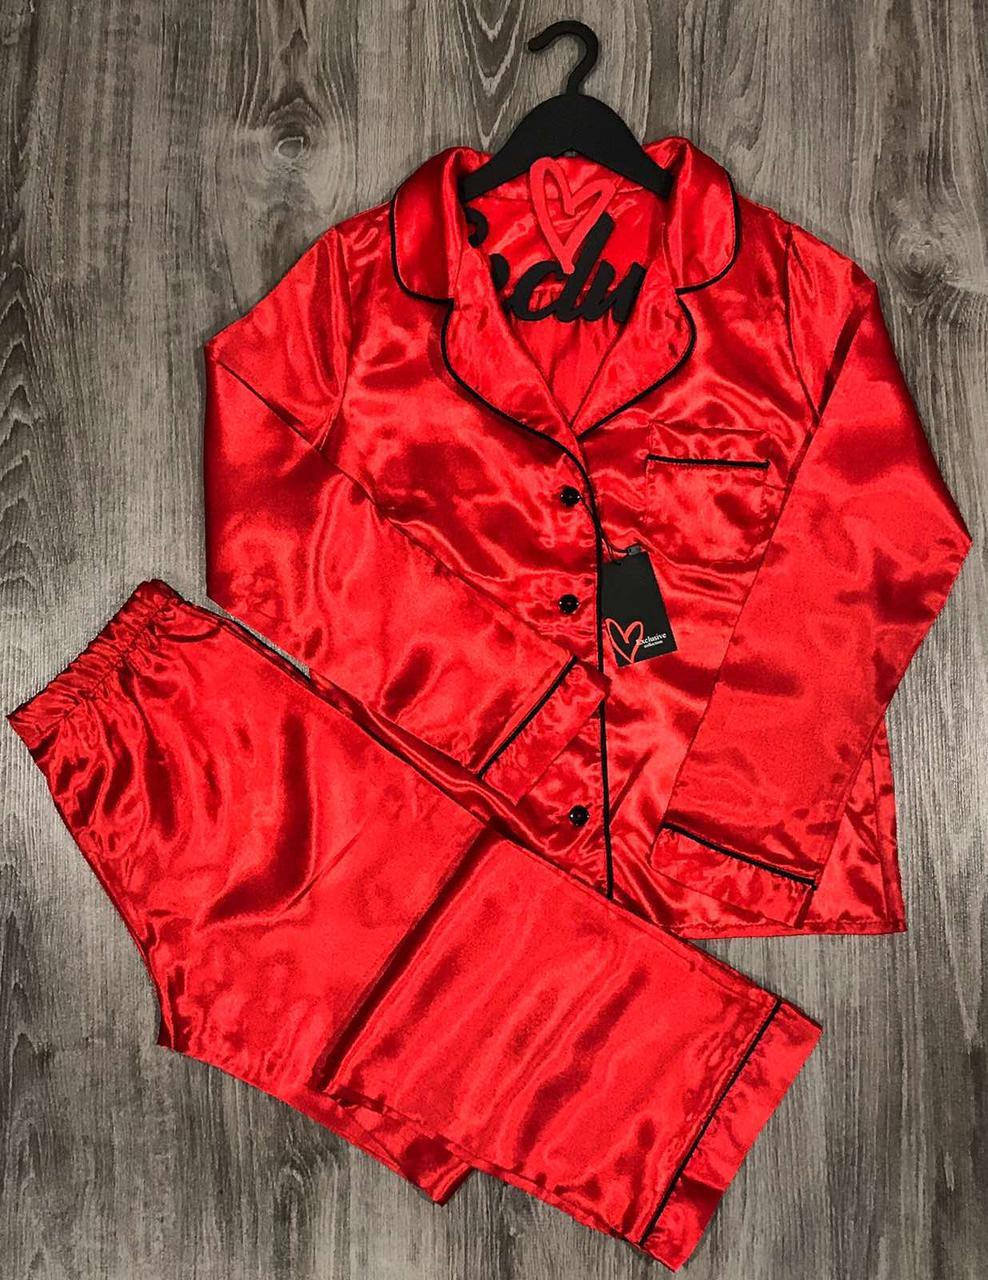 Красный молодежный комплект  ТМ Exclusive: штаны и рубашка из атласа